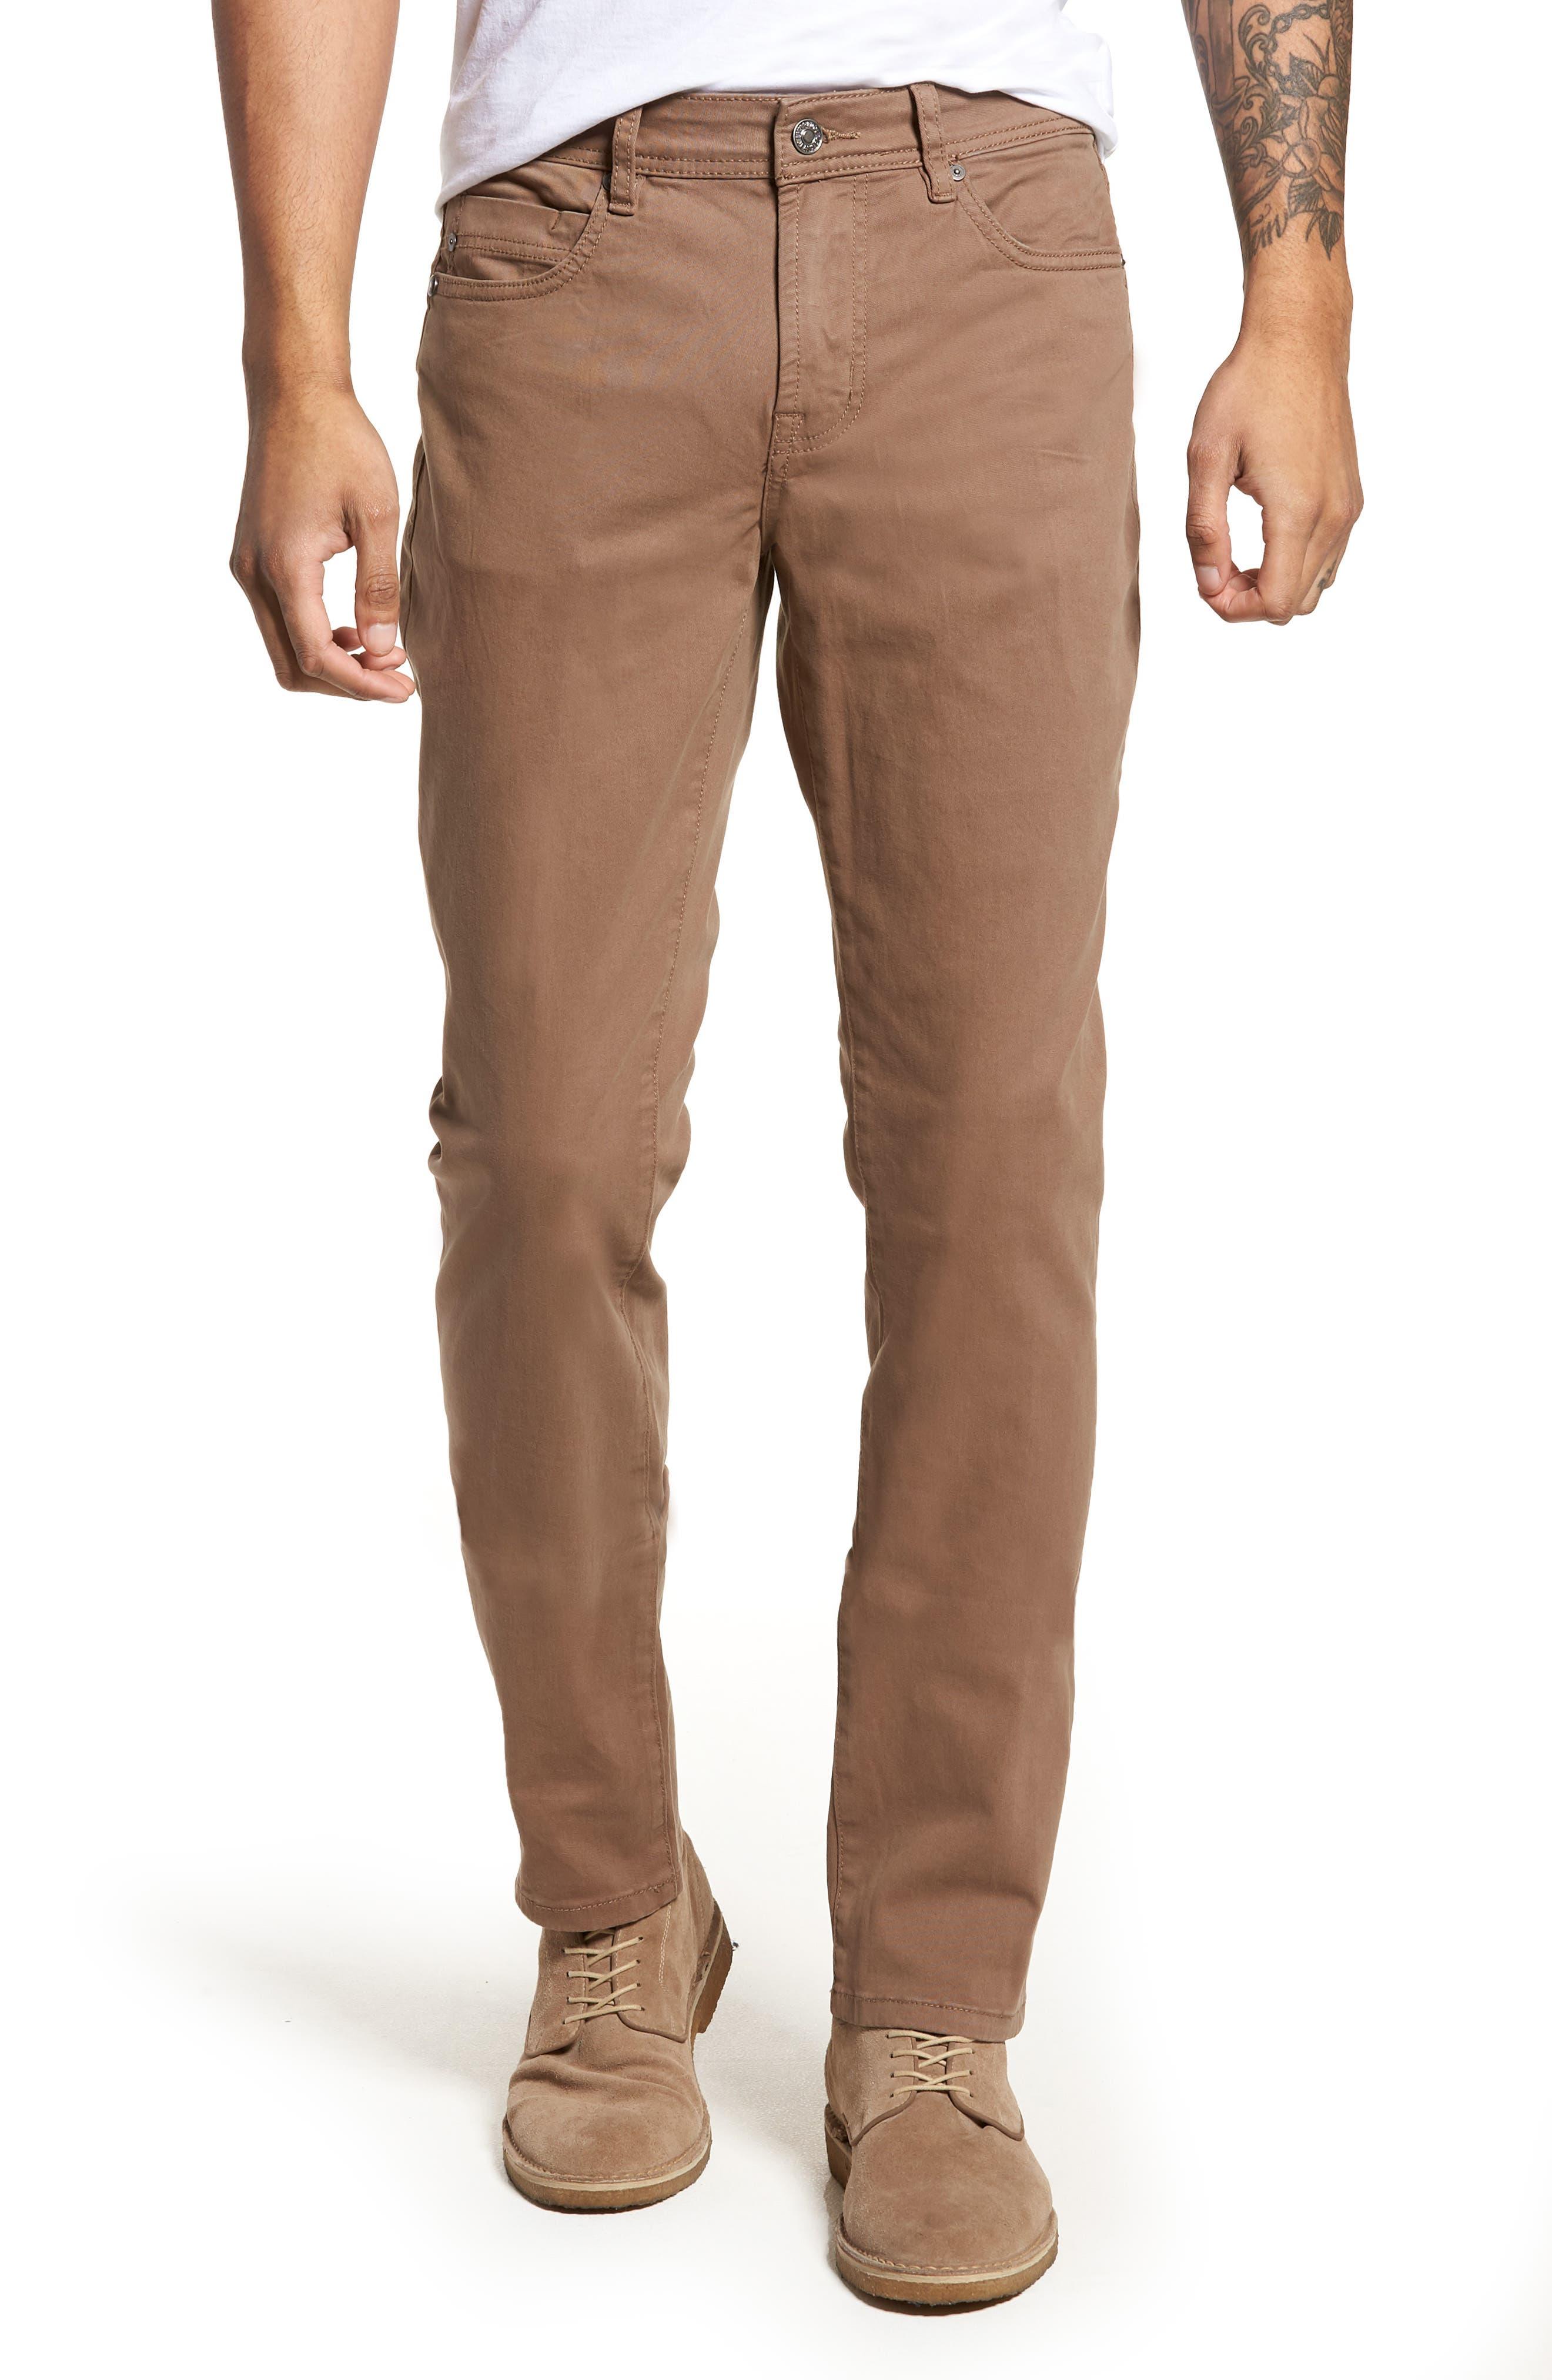 Jeans Co. Slim Straight Leg Jeans,                         Main,                         color, Cub